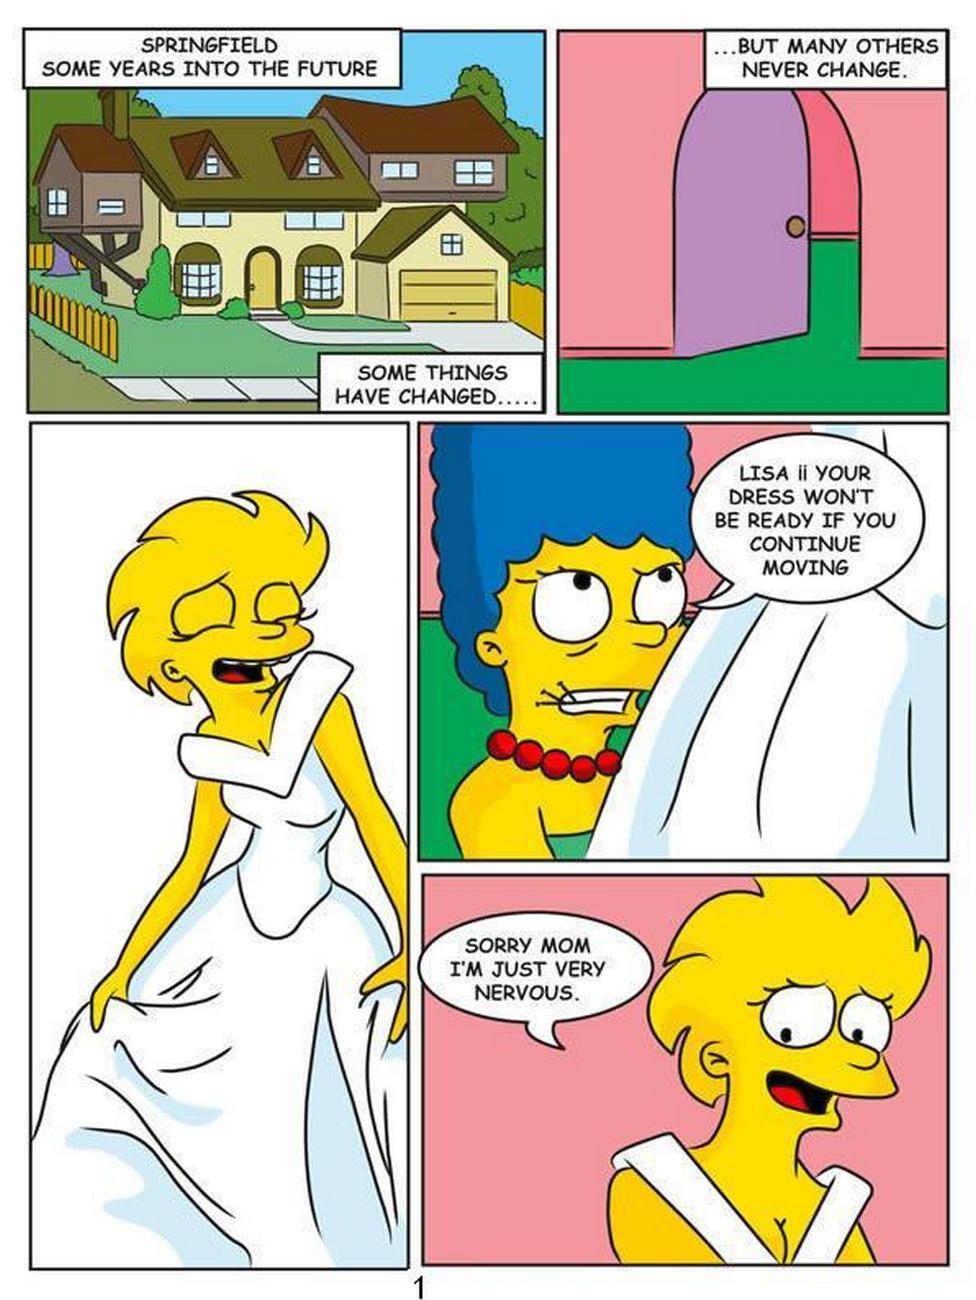 порно комиксы симпсоны мэгги и лиза